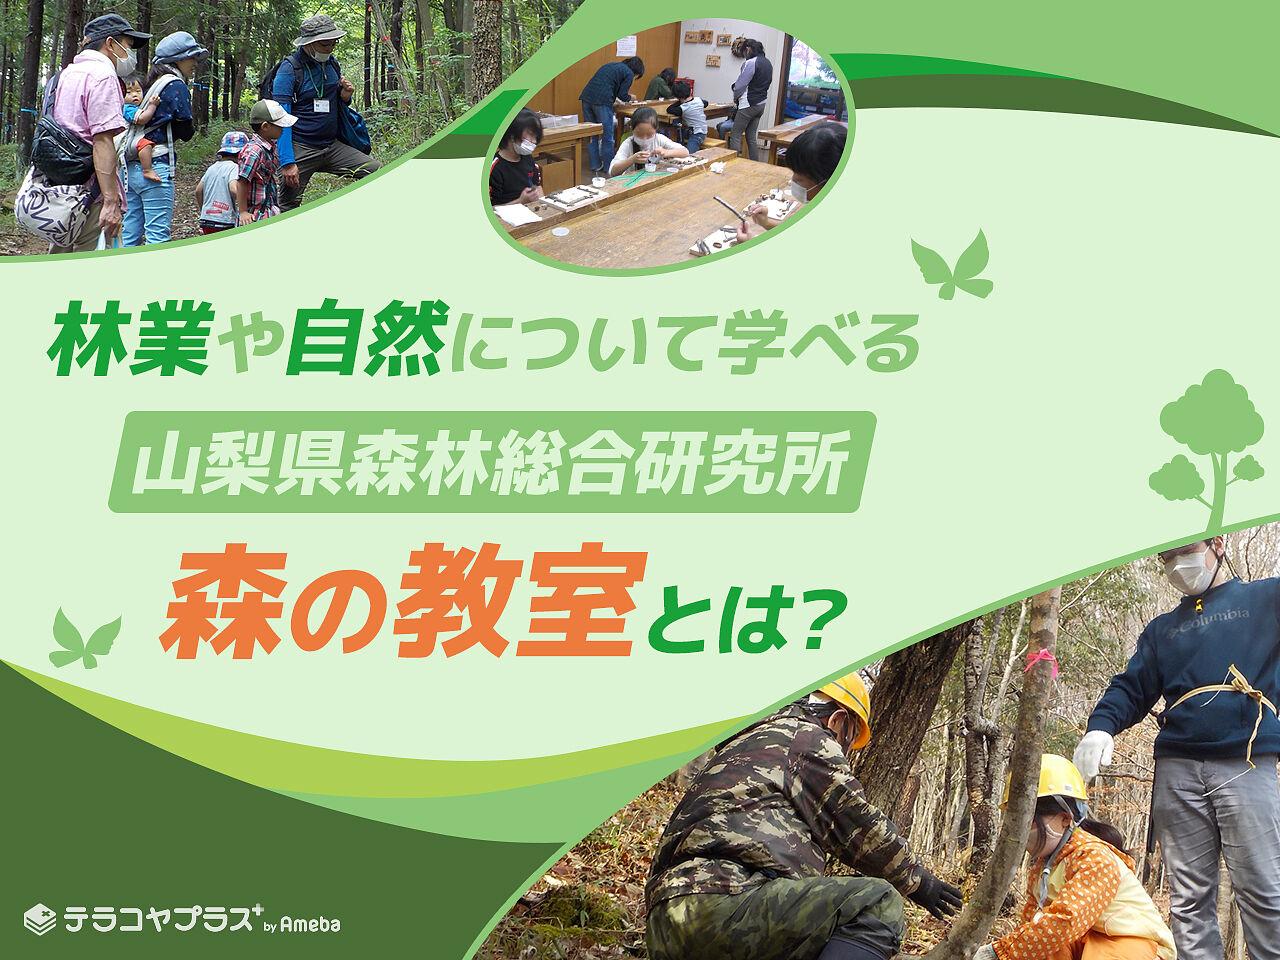 山梨県森林総合研究所「森の教室」を取材!体験を通して自然が学べる取り組みとはの画像